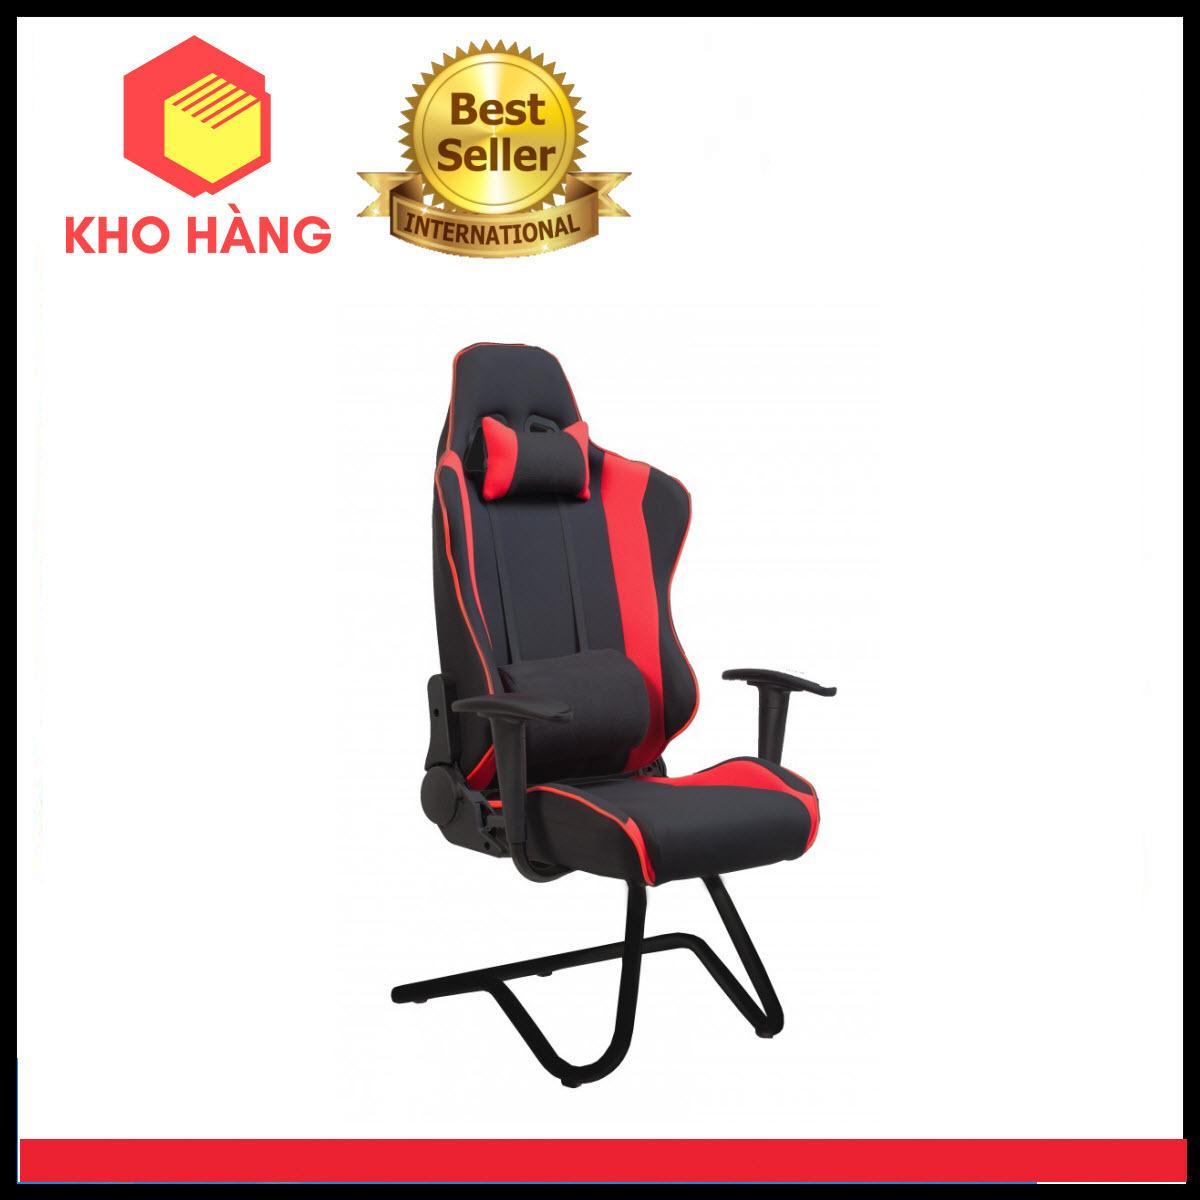 Ghế Dành Cho Game Thủ Cao Cấp KHCM73532 (Đỏ) giá rẻ